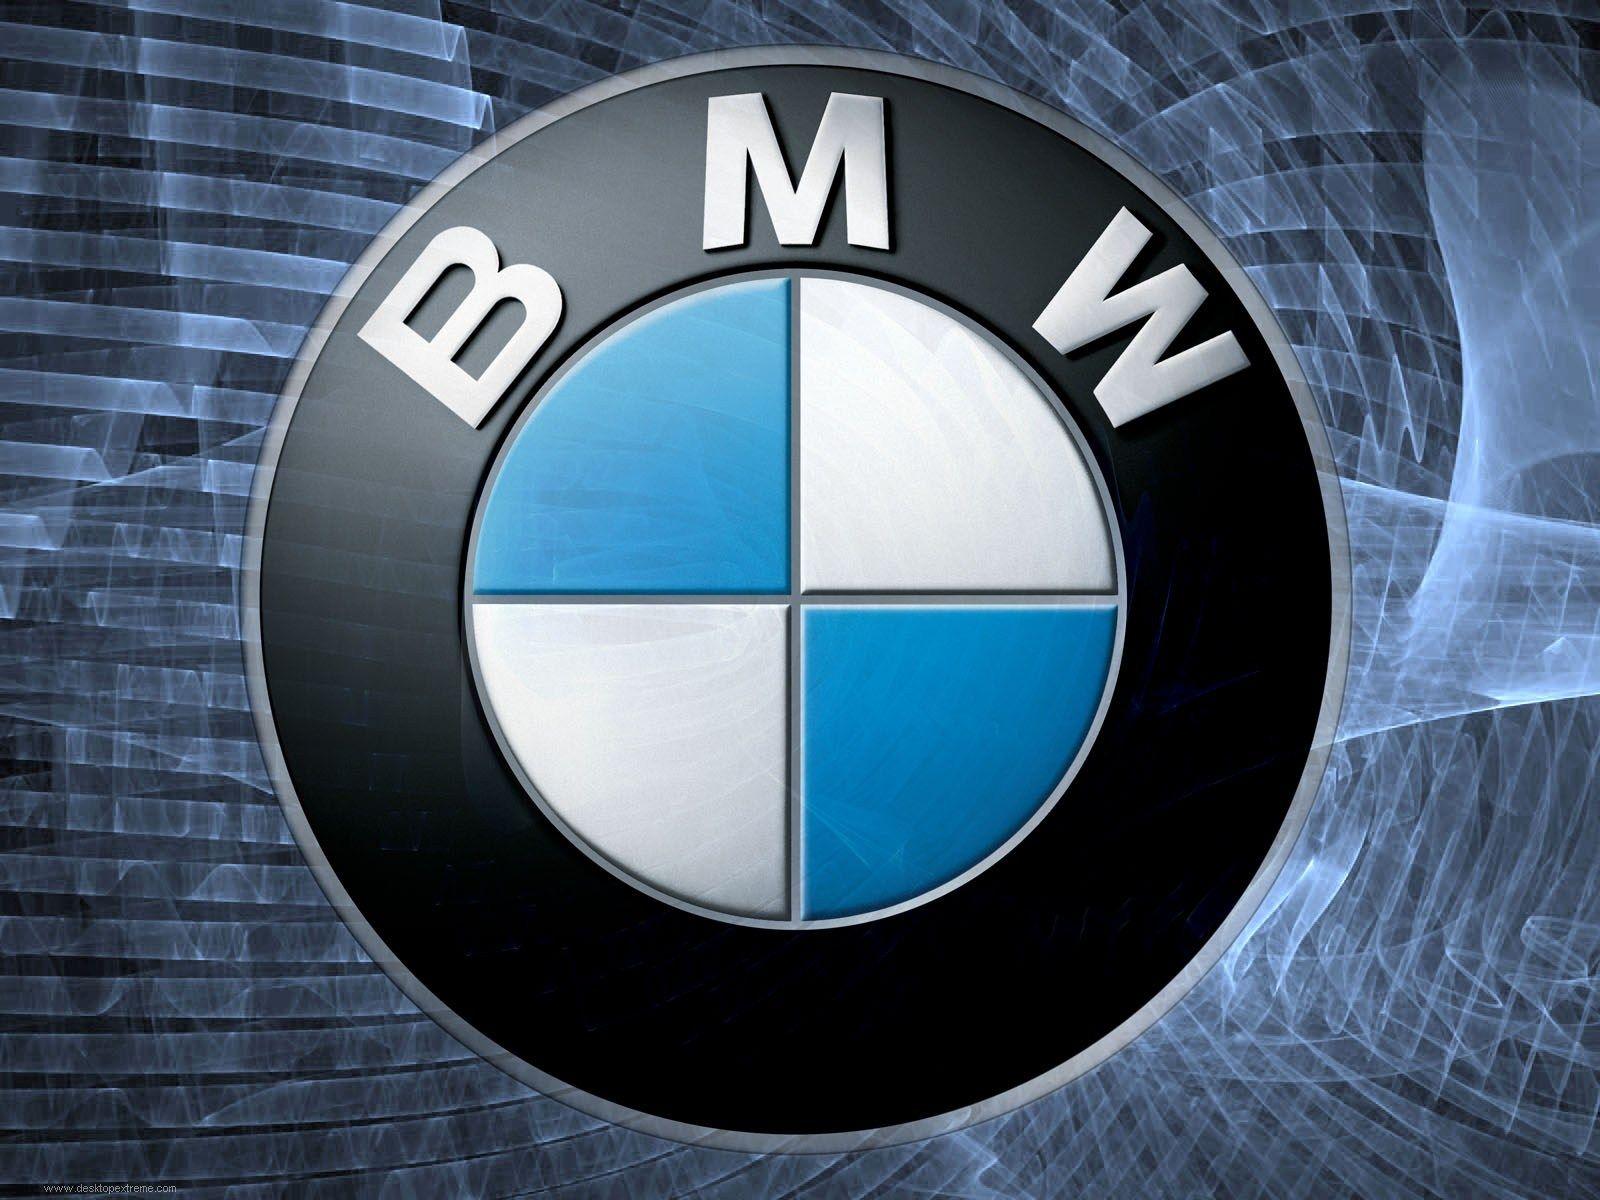 Resultados Da Pesquisa De Http Whatthehayell Com Wp Content Uploads 2012 04 Bmw Logo Jpg No Google Bmw Carros Bmw Serie